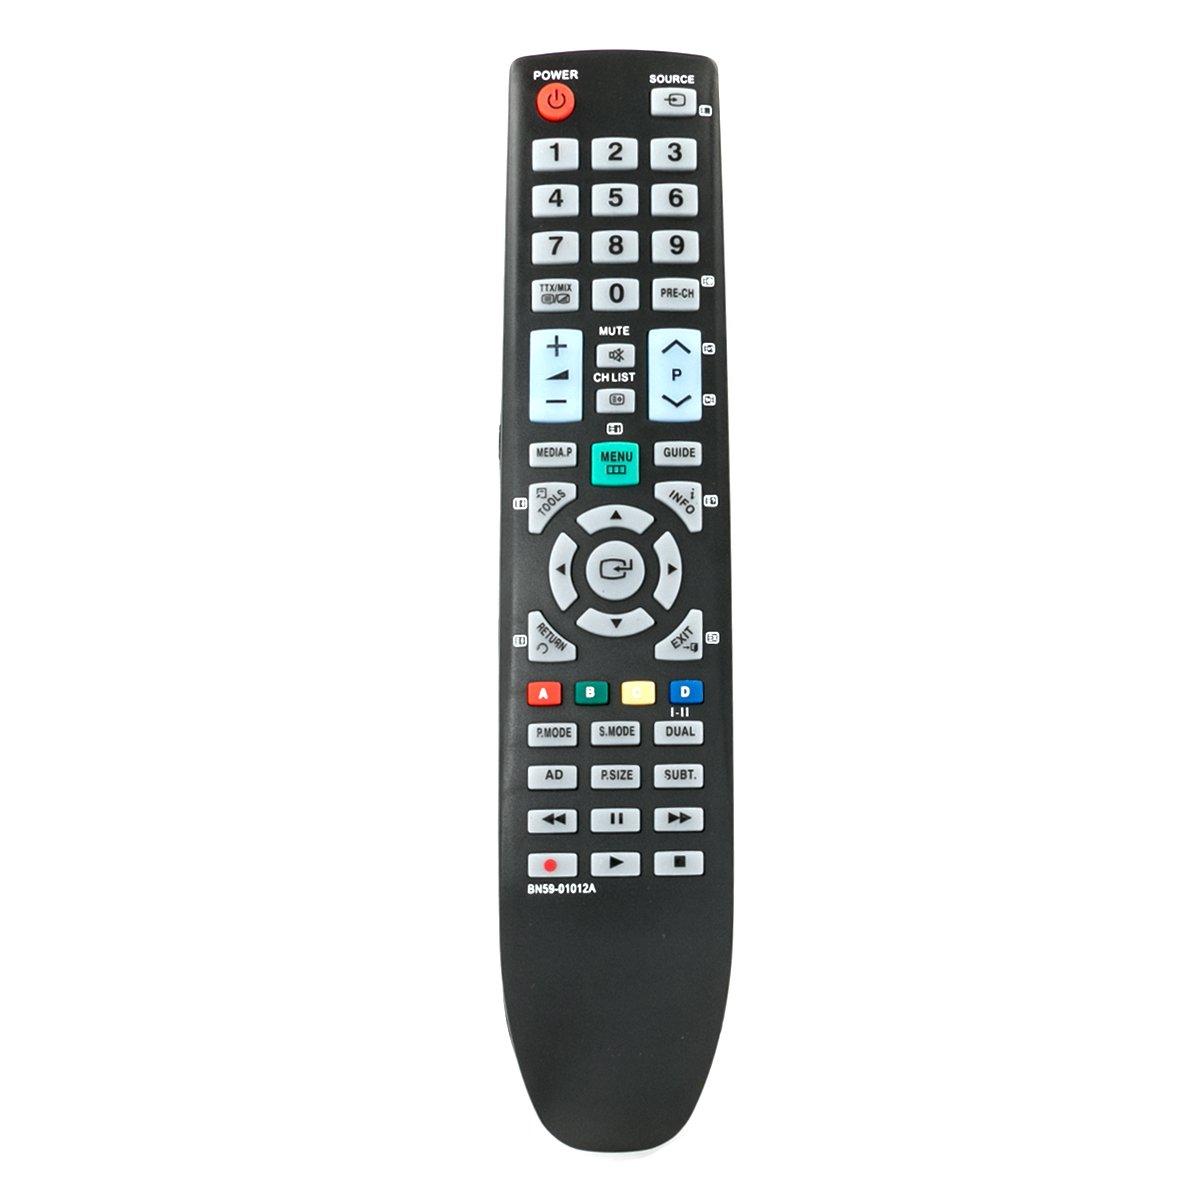 ALLIMITY BN59-01012A Control Remoto Reemplazar por Samsung LED LCD Plasma TV LE22C450 LE22C455 LE26C450 LE32C454 PS42C430 PS42C431 PS42C433 PS42C435 LE19C450 LE19C455: Amazon.es: Electrónica